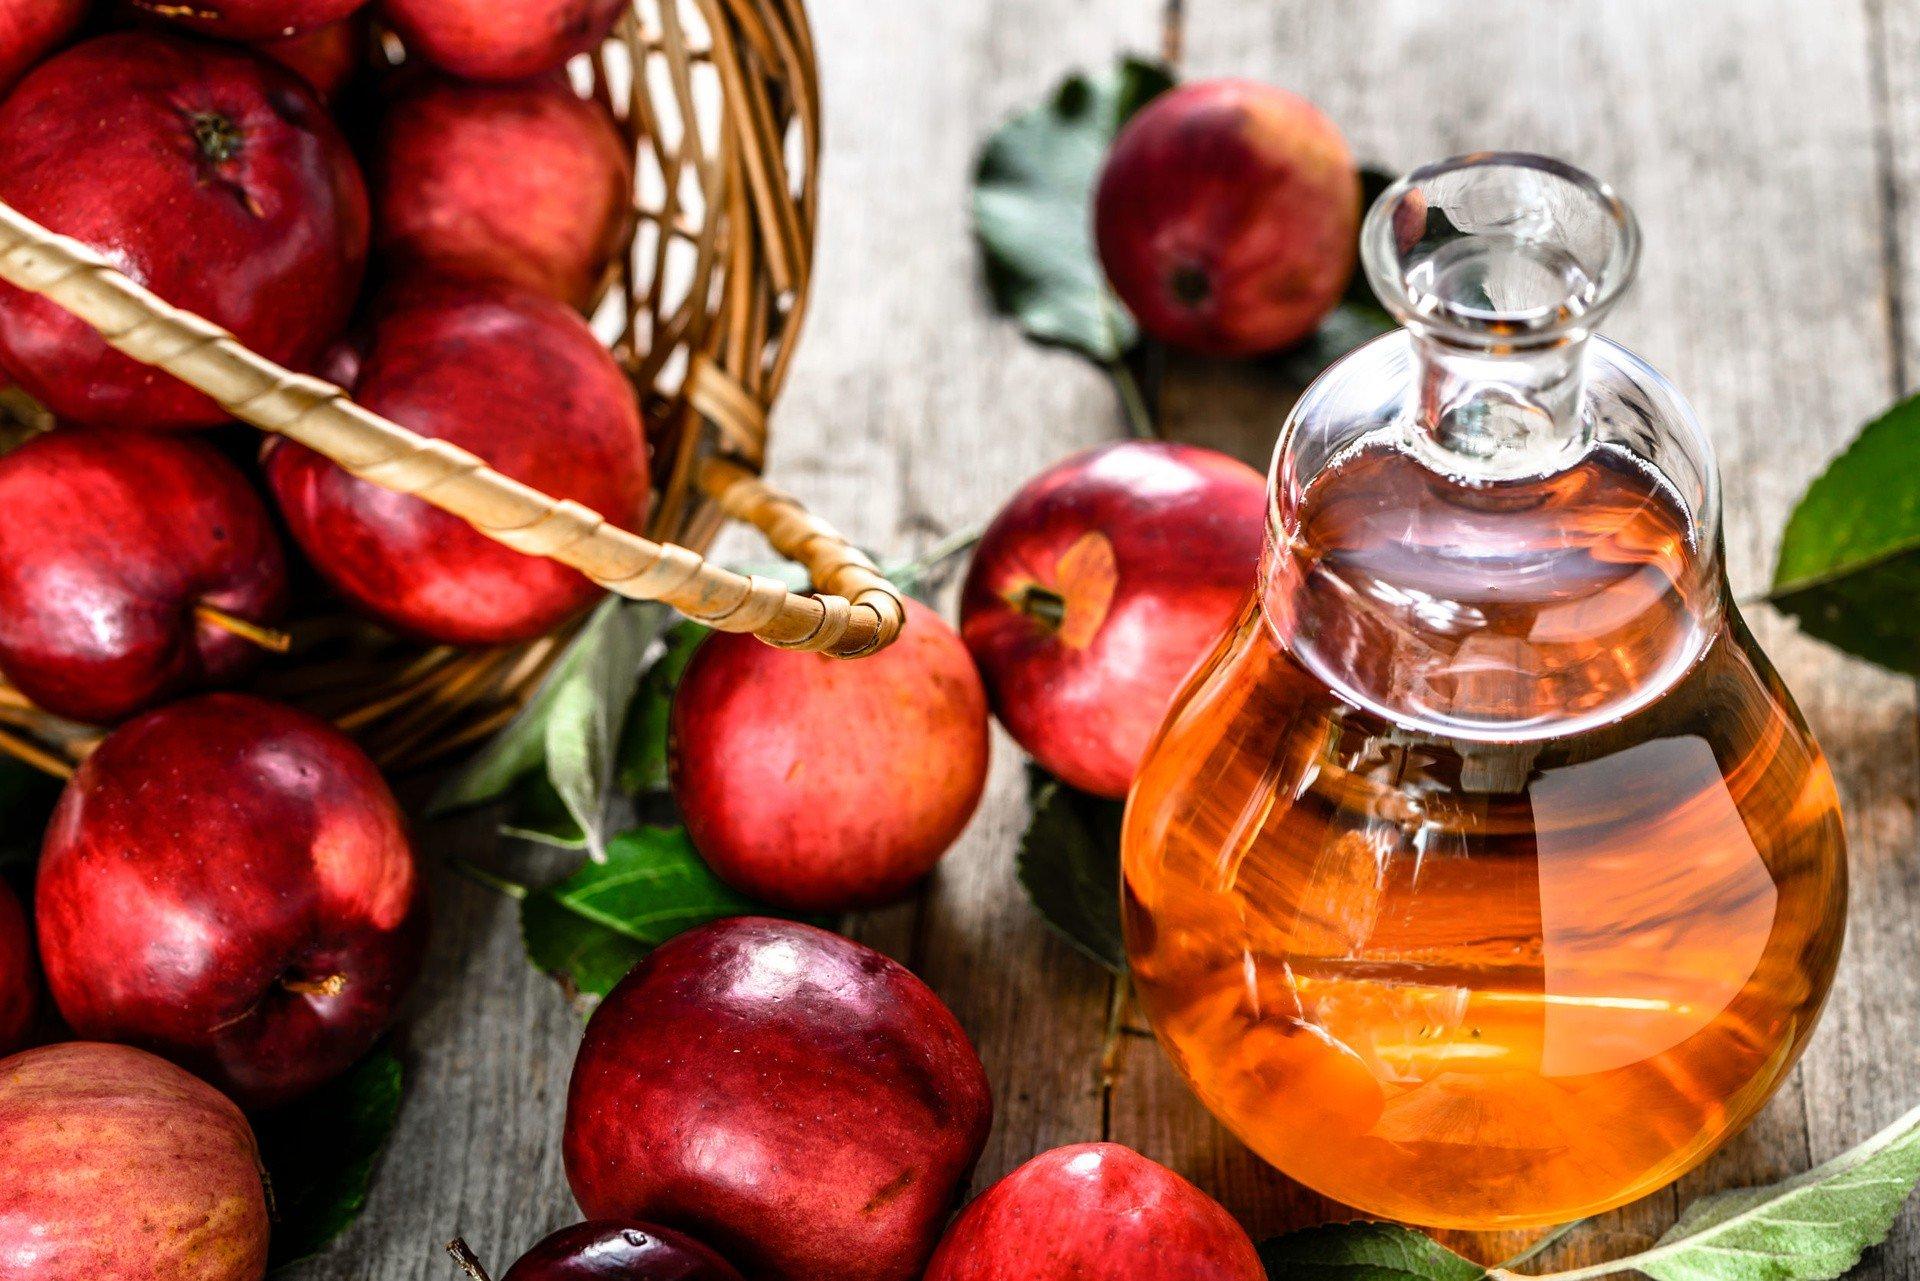 Ocet jabłkowy, a odchudzanie? Czy pijąc ocet jabłkowy schudniesz?